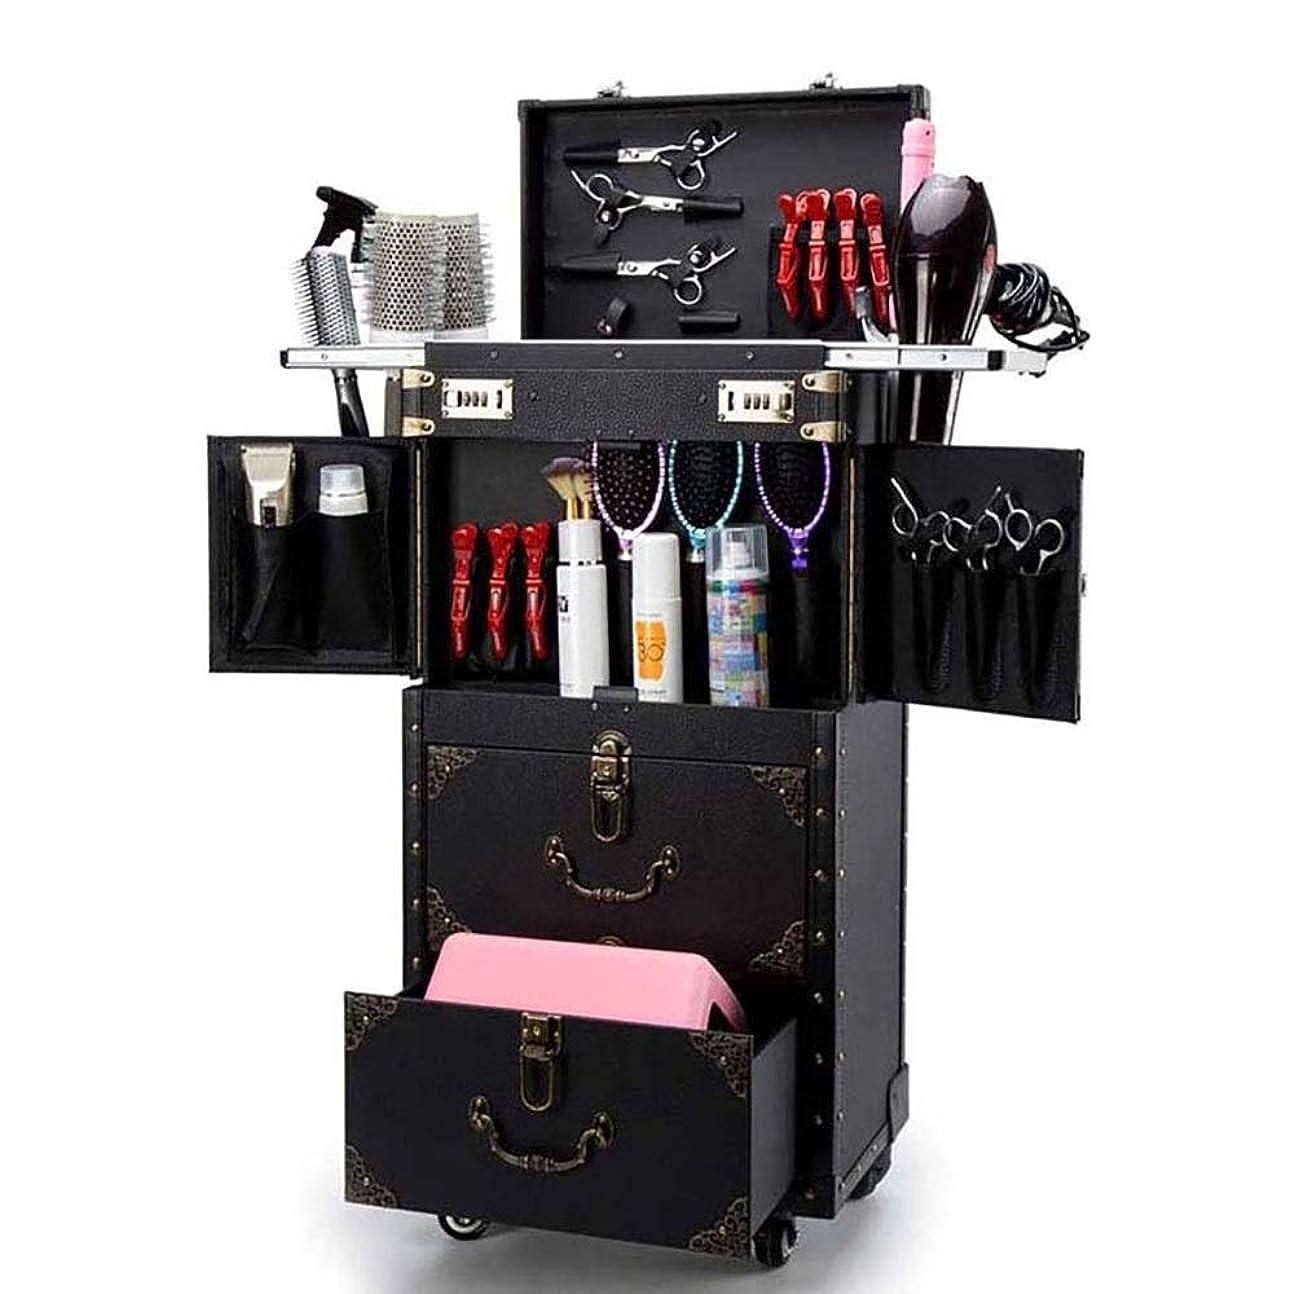 教える地域の他の場所TYUIO ローリングロック可能なメイクトレインケース理髪トロリースタイリスト美容化粧品荷物トラベルオーガナイザーツールボックスヘアドライヤーホルダー